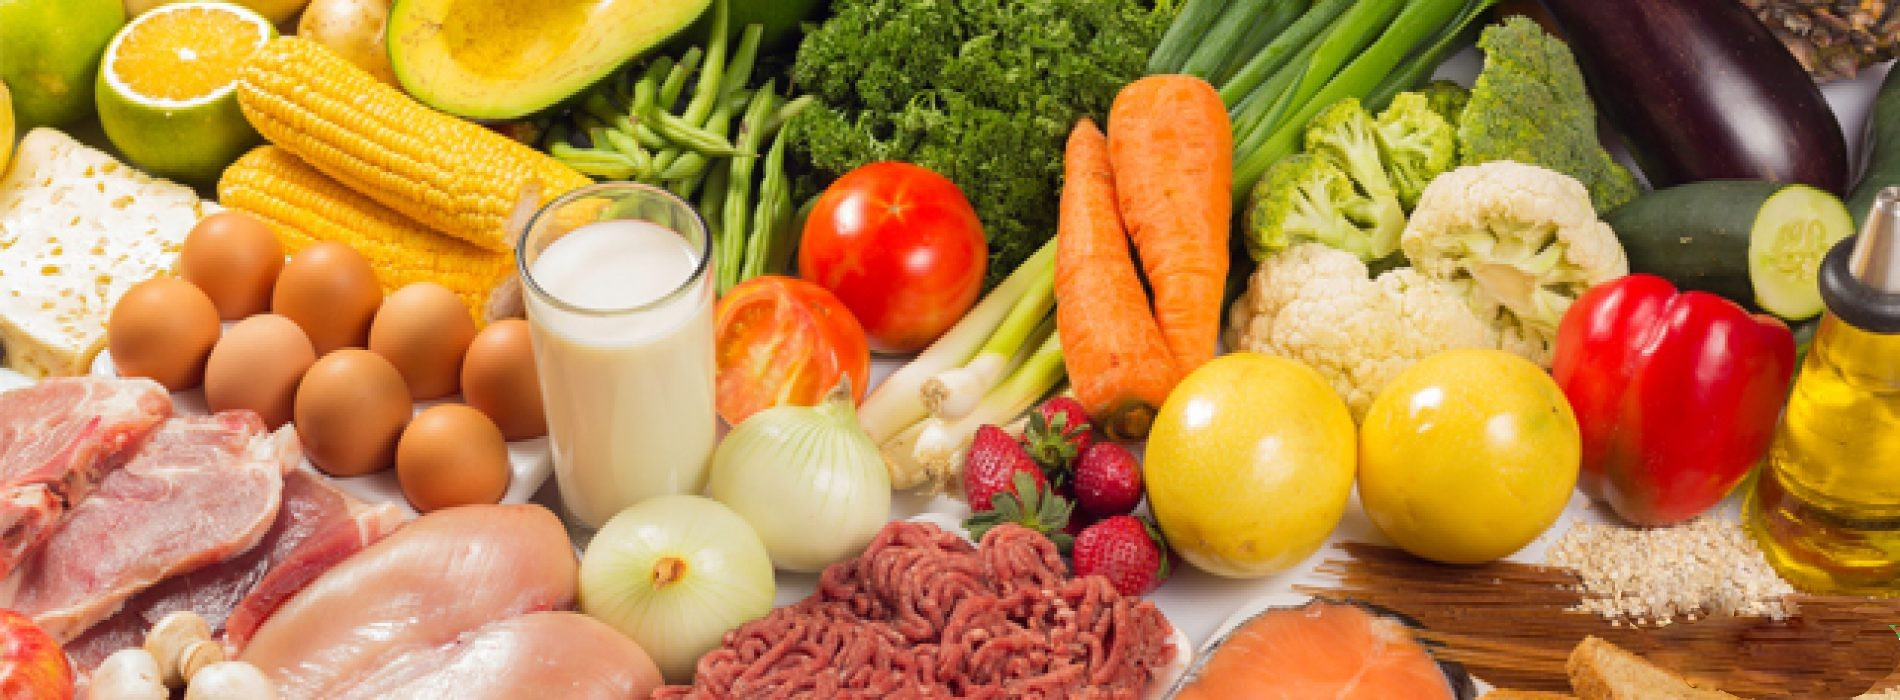 Продукты понижающие артериальное давление: список и ...